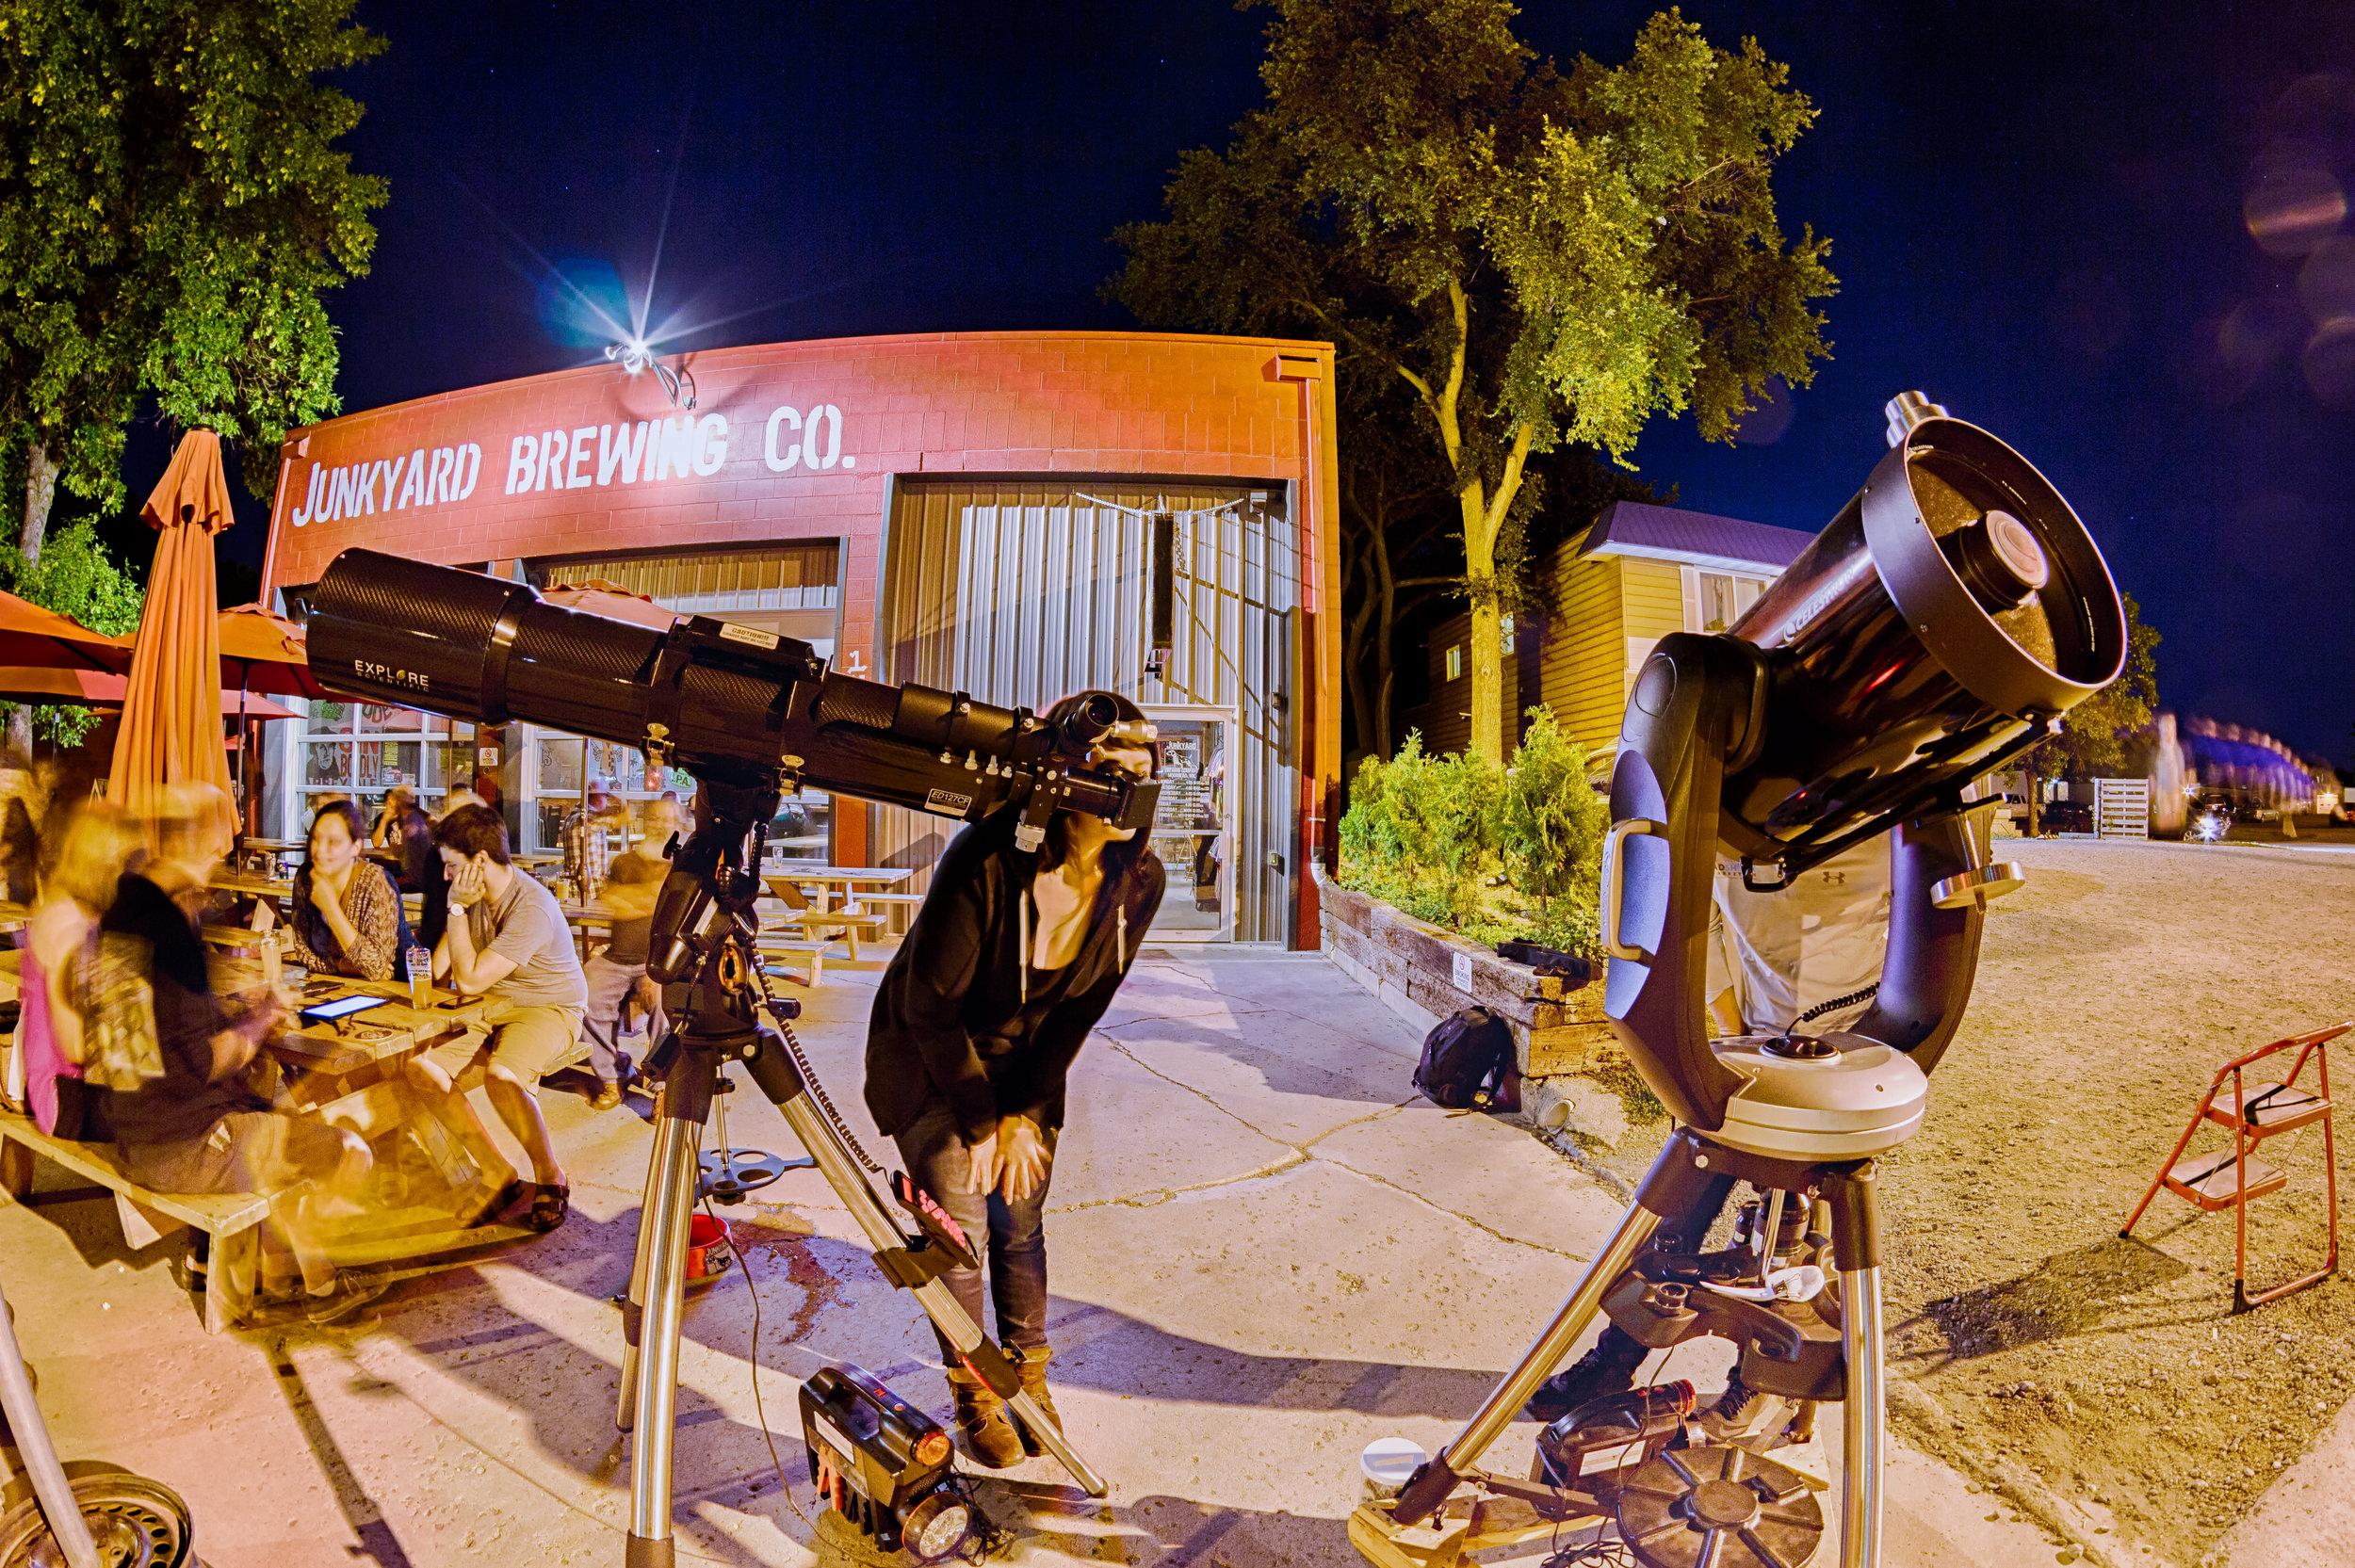 Stargazing_at_Junkyard Brewing_3.jpg.jpg